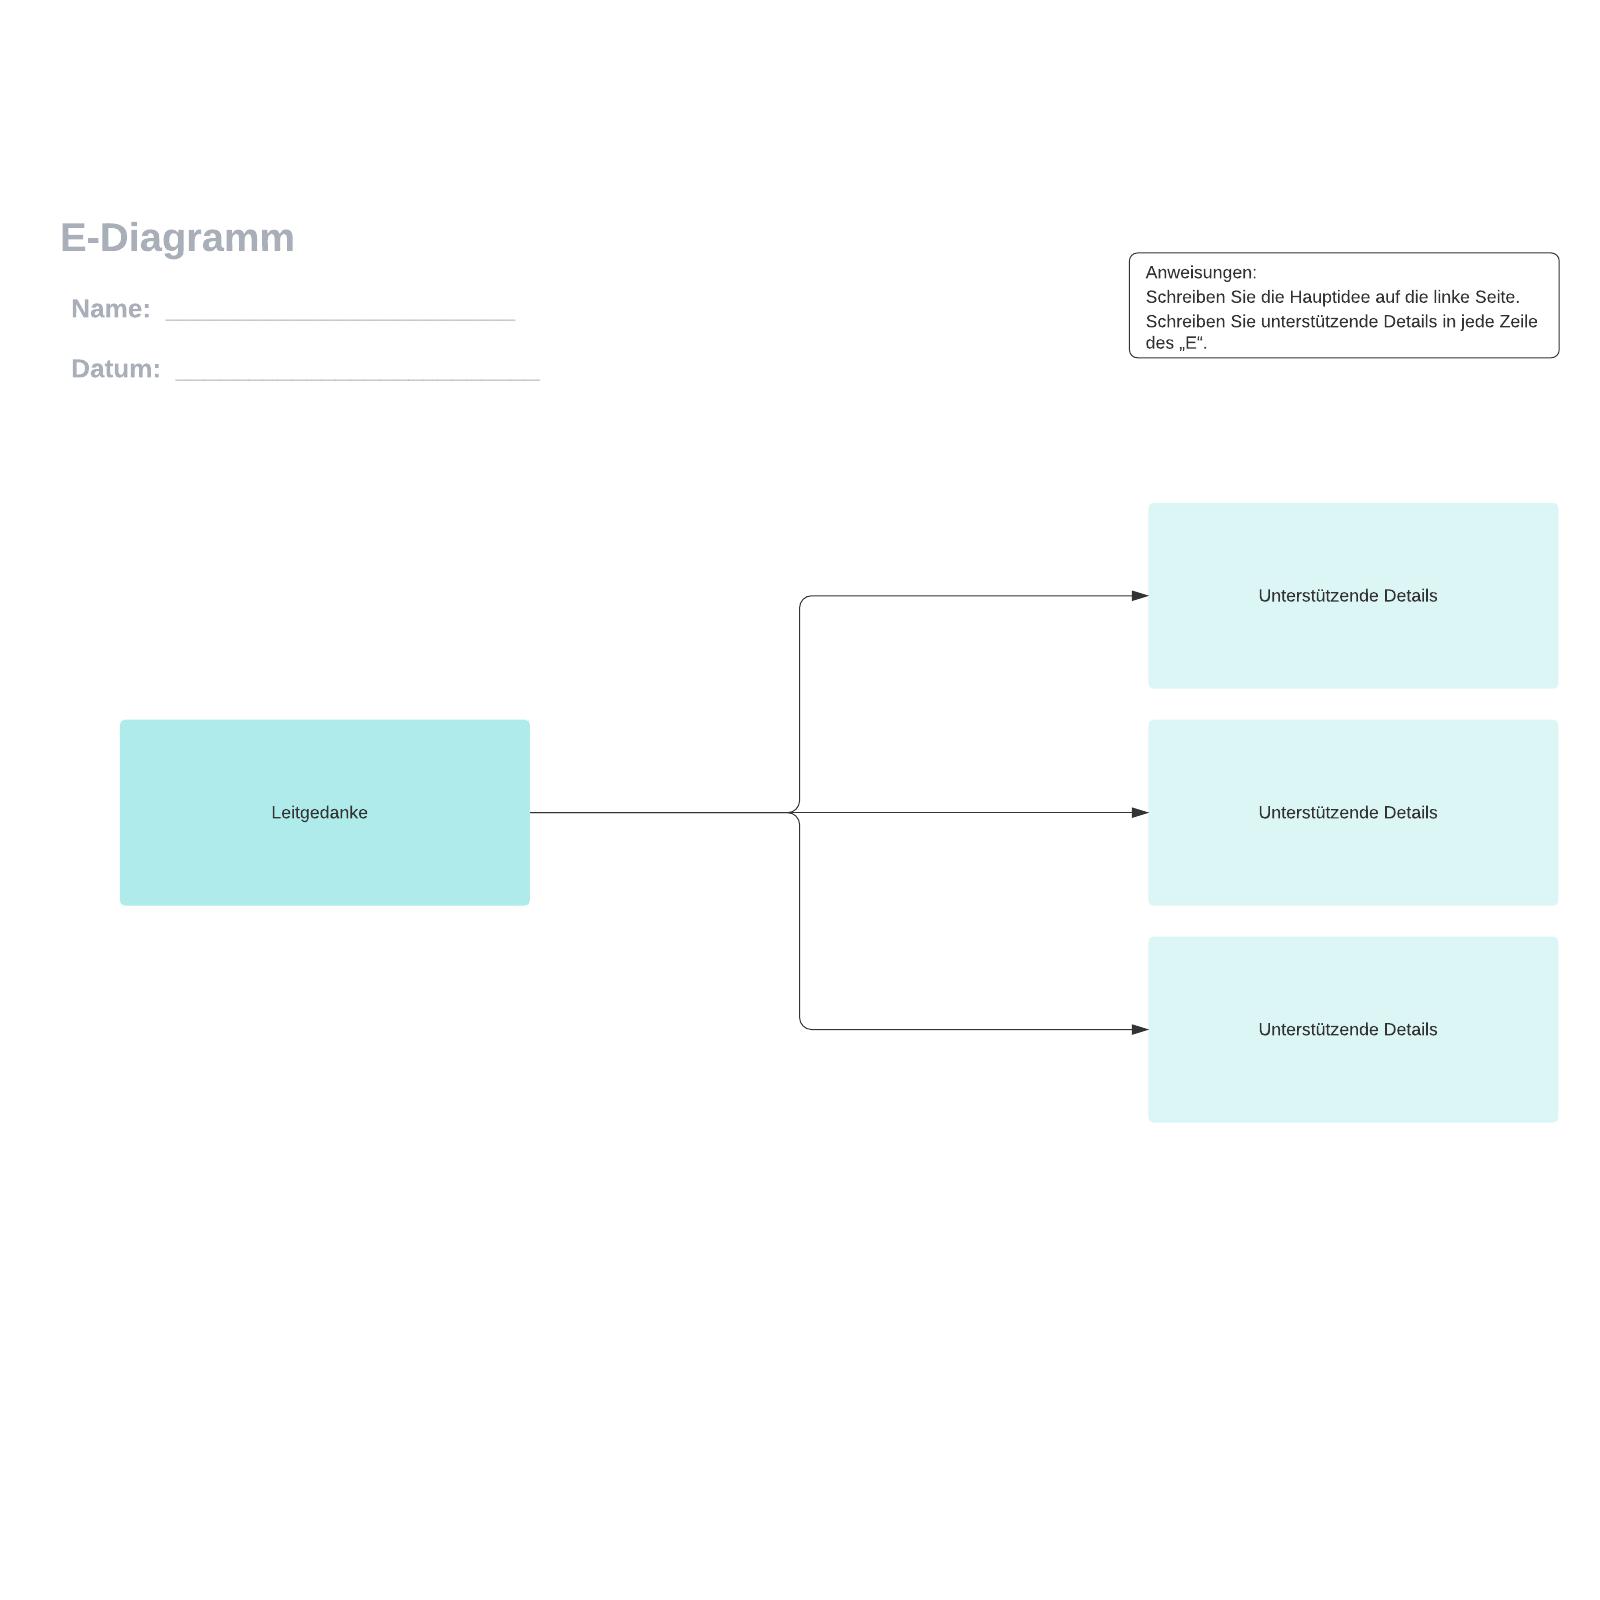 E-Diagramm